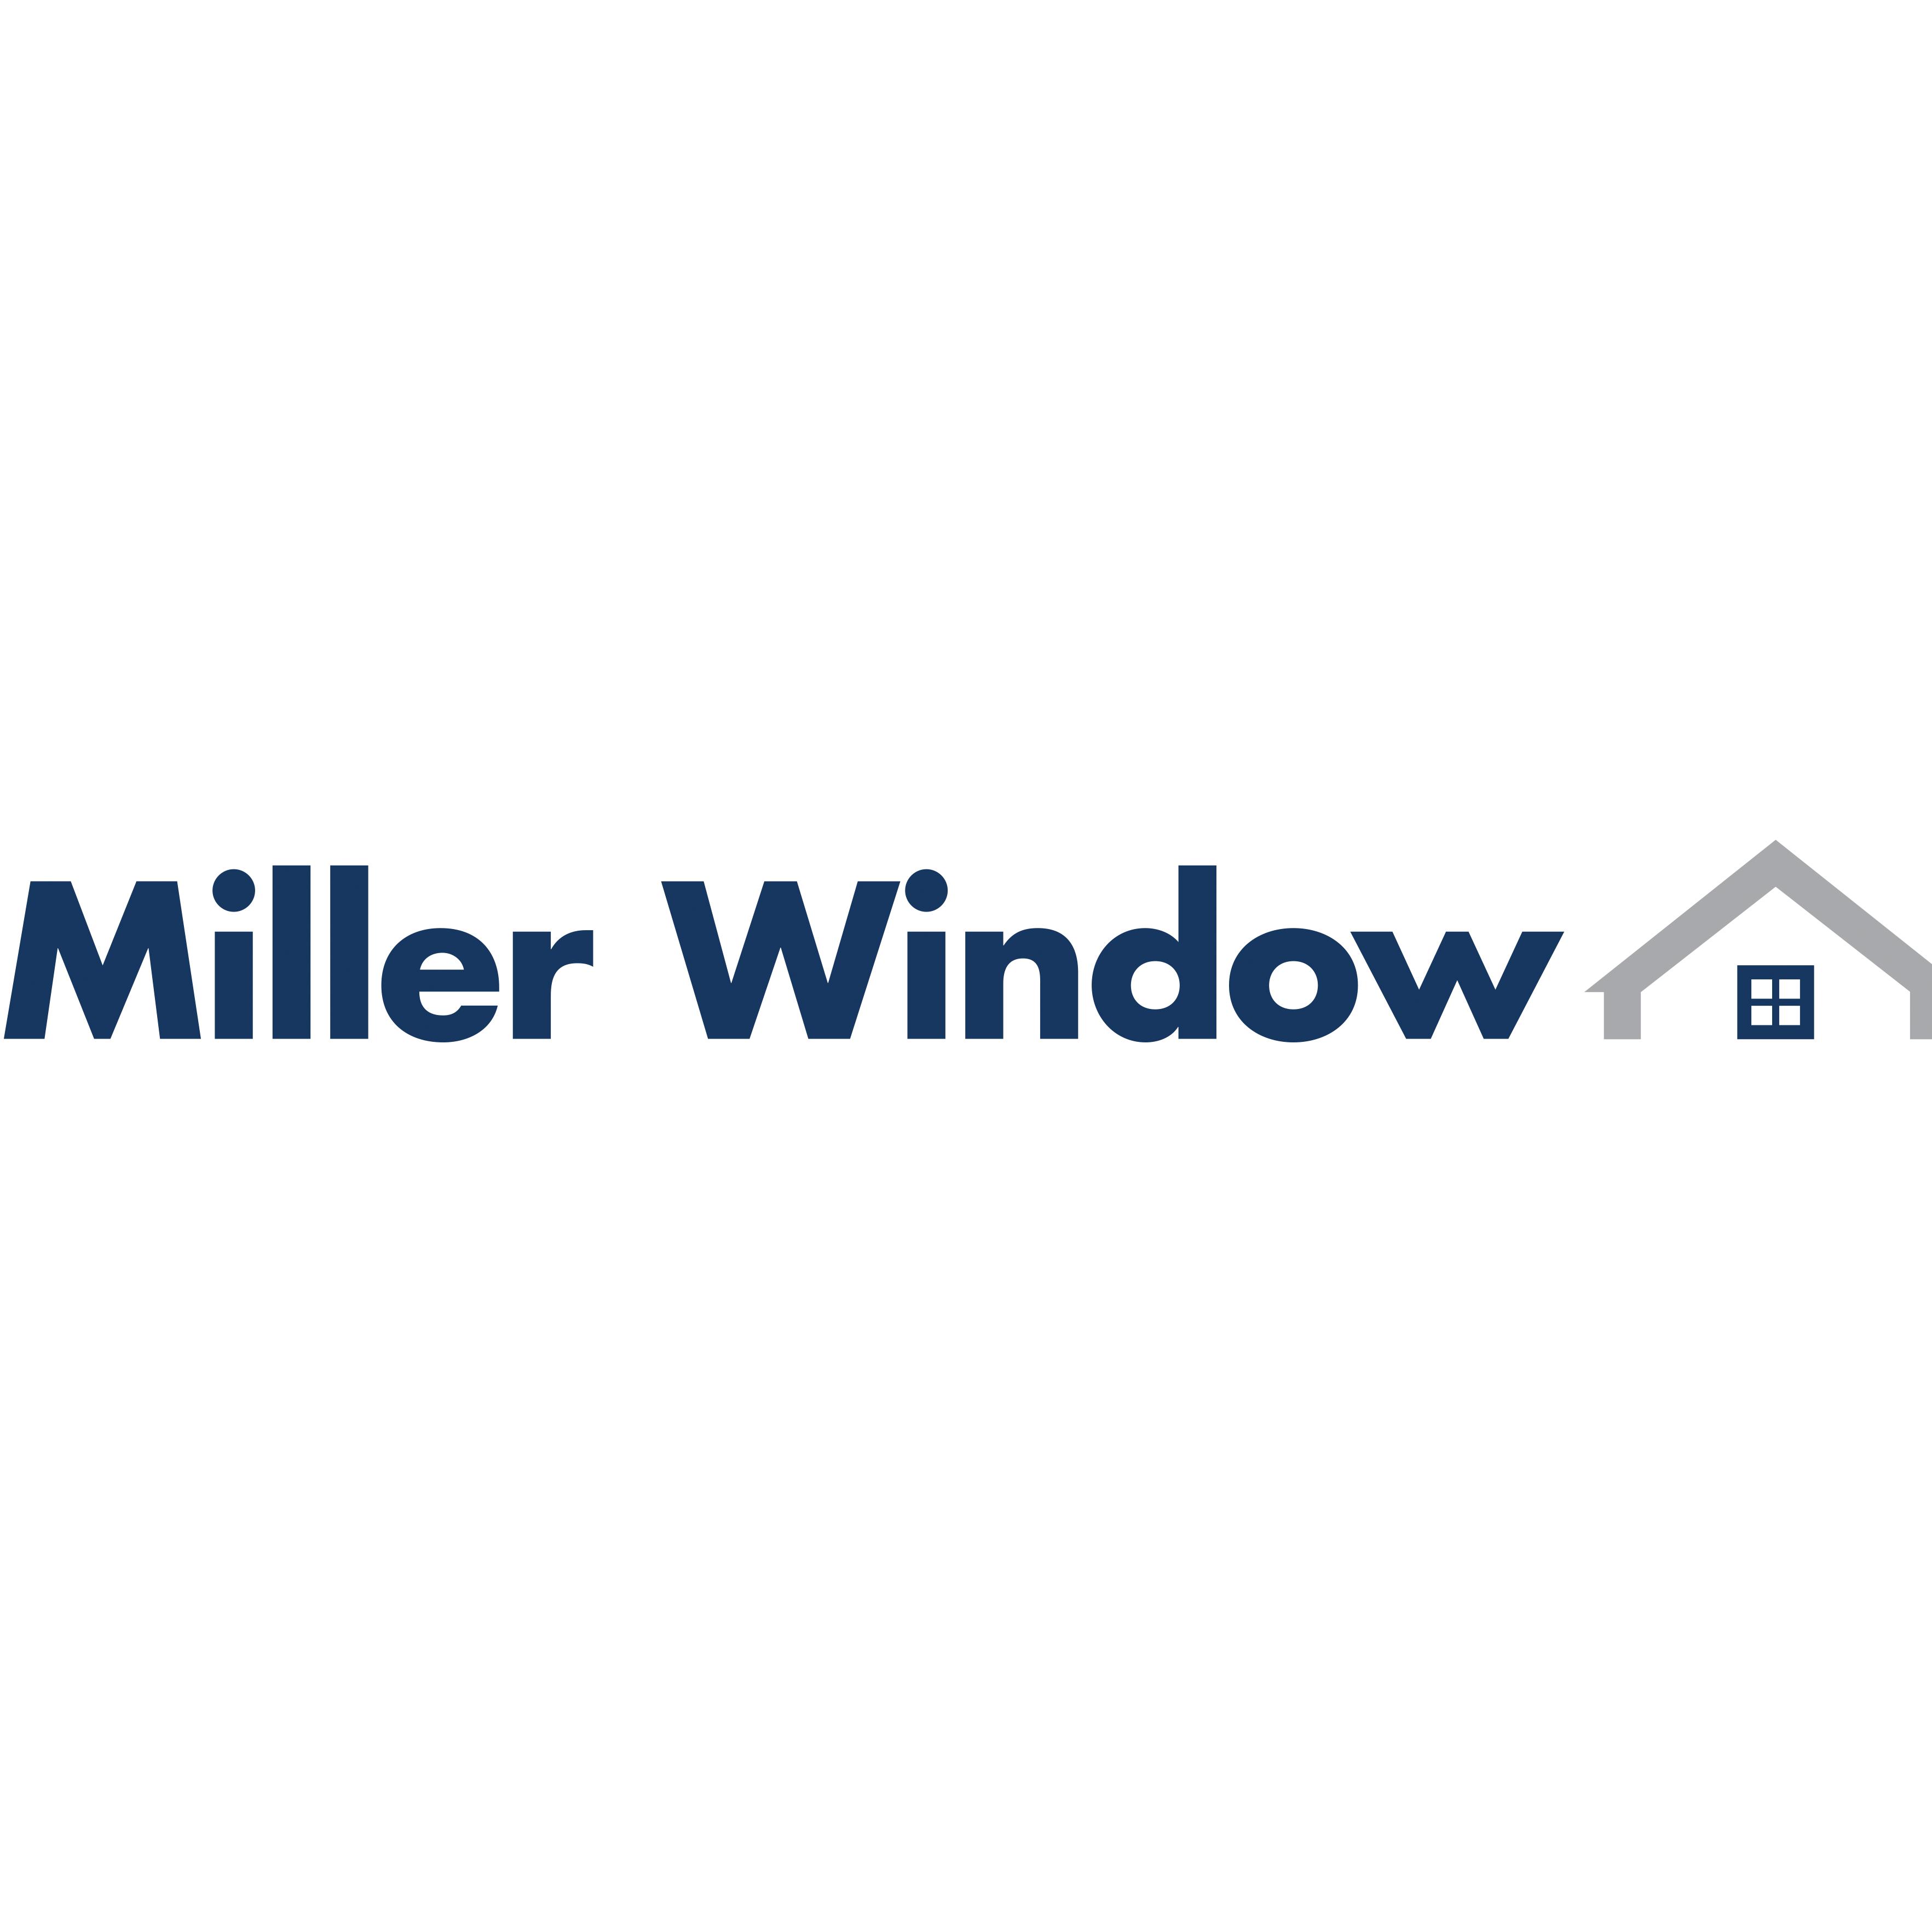 Miller Window